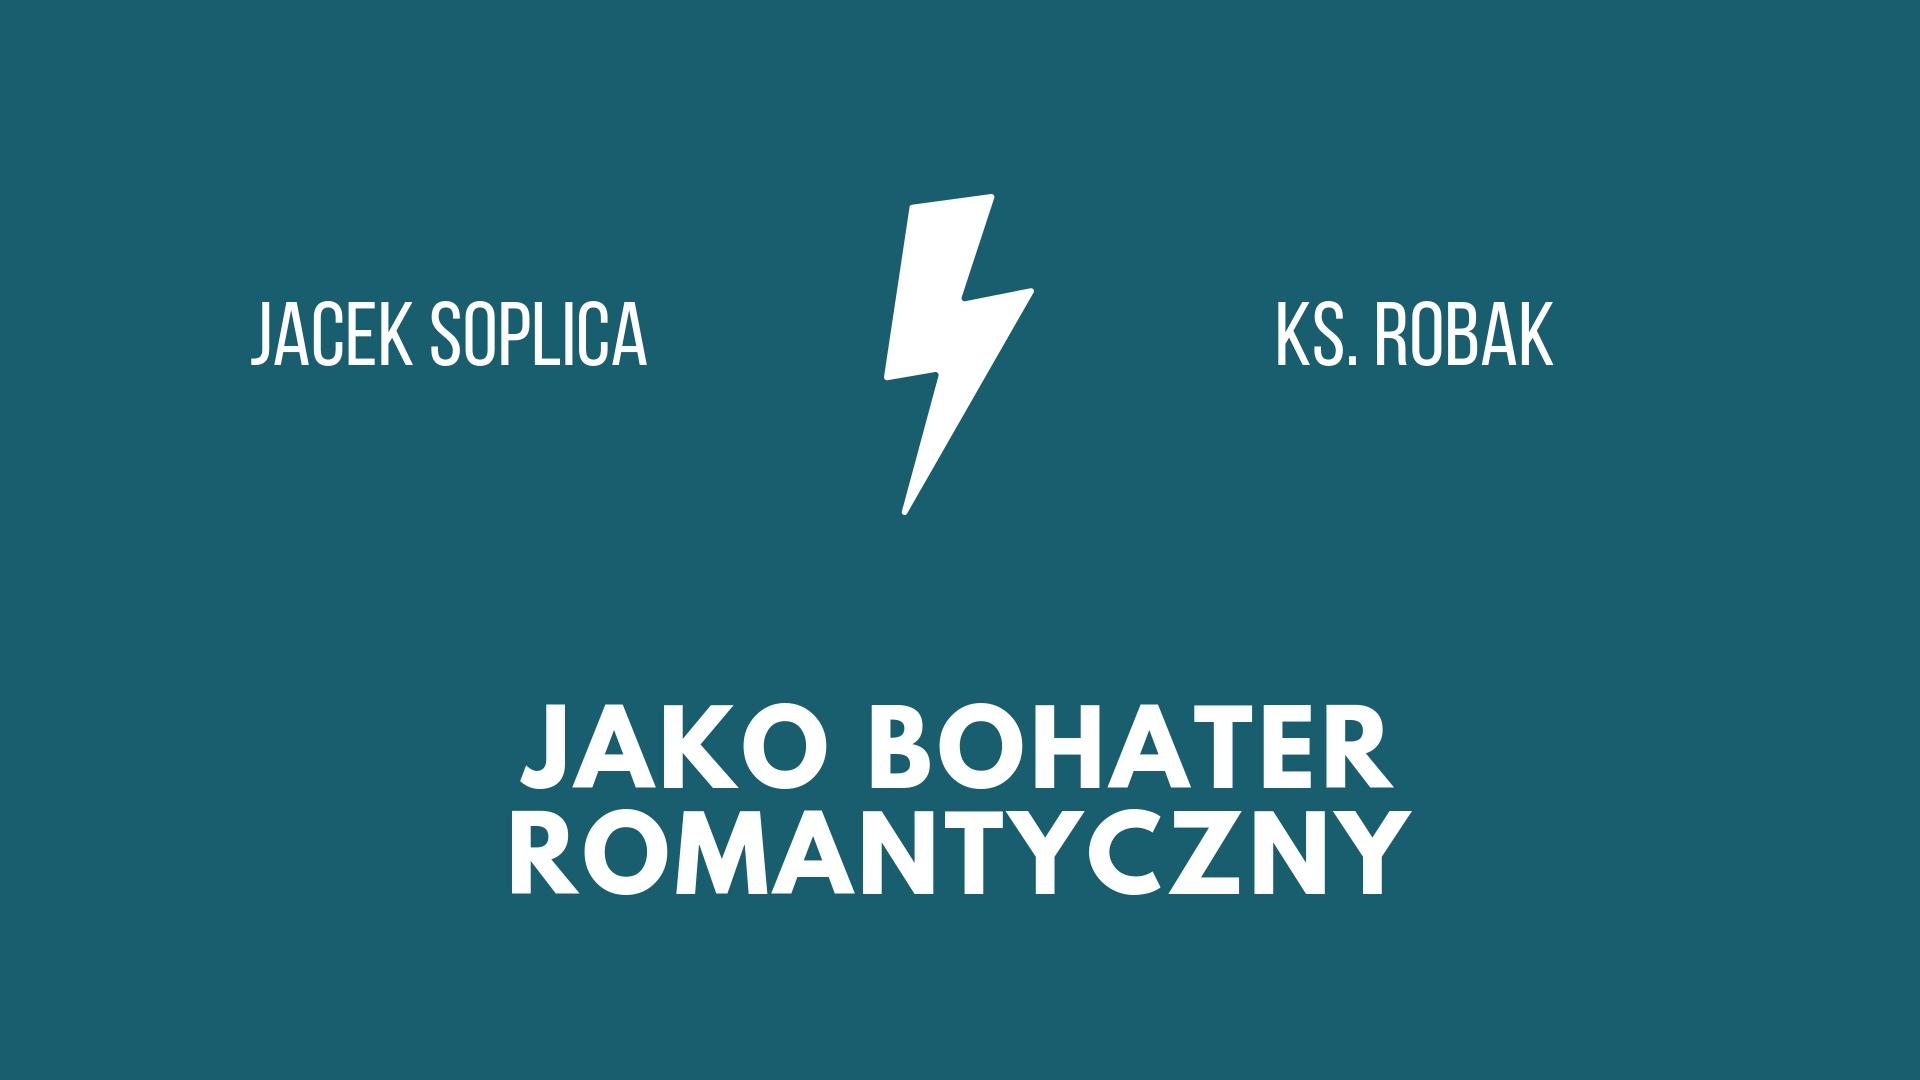 Jacek Soplica – ksiądz Robak jako bohater romantyczny